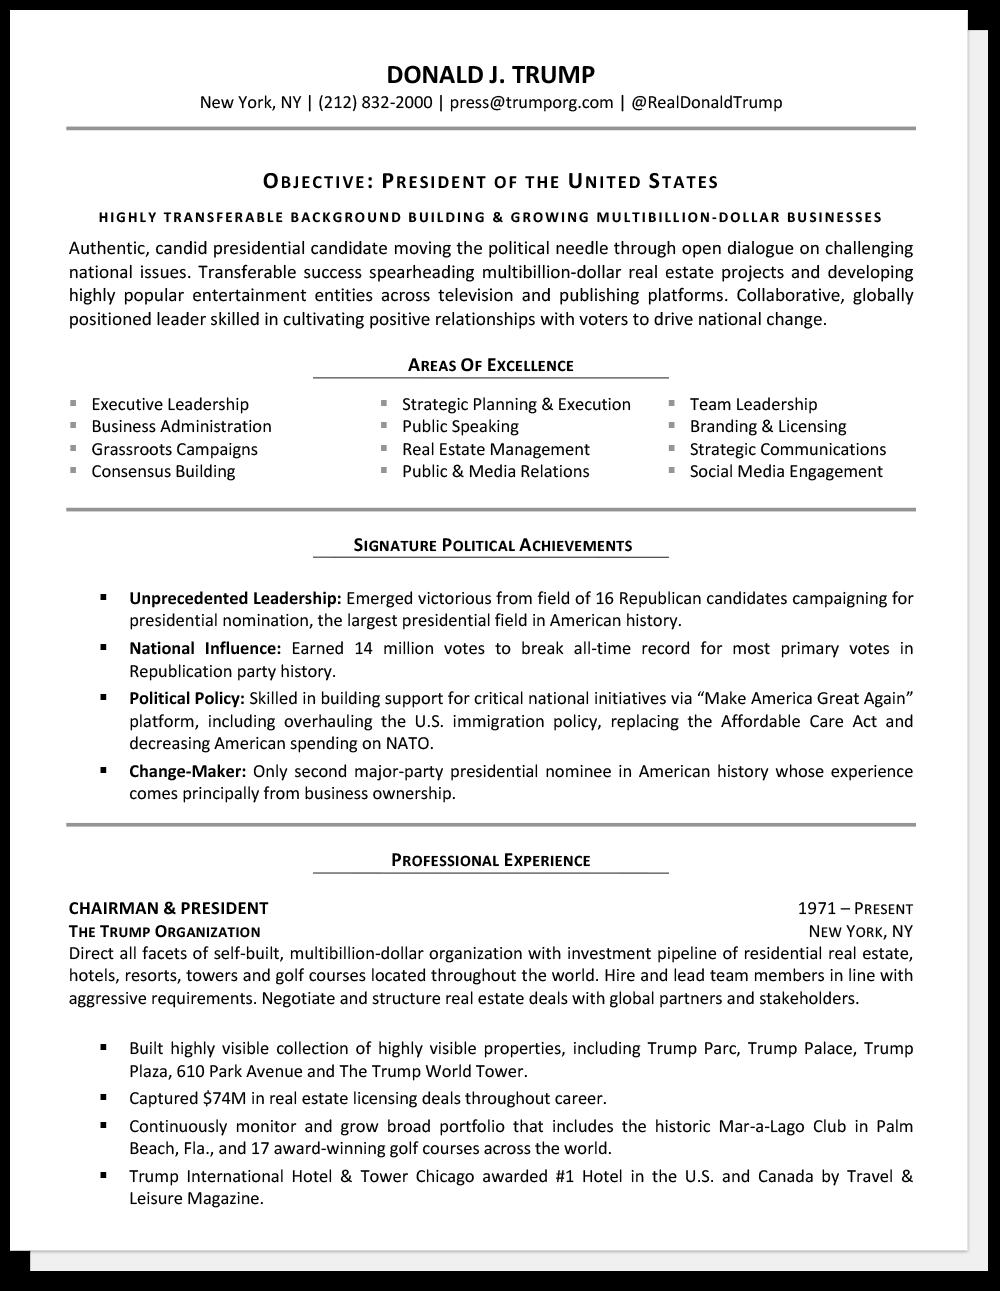 Ejemplo de currículum vitae para personas mayores Donald Trump